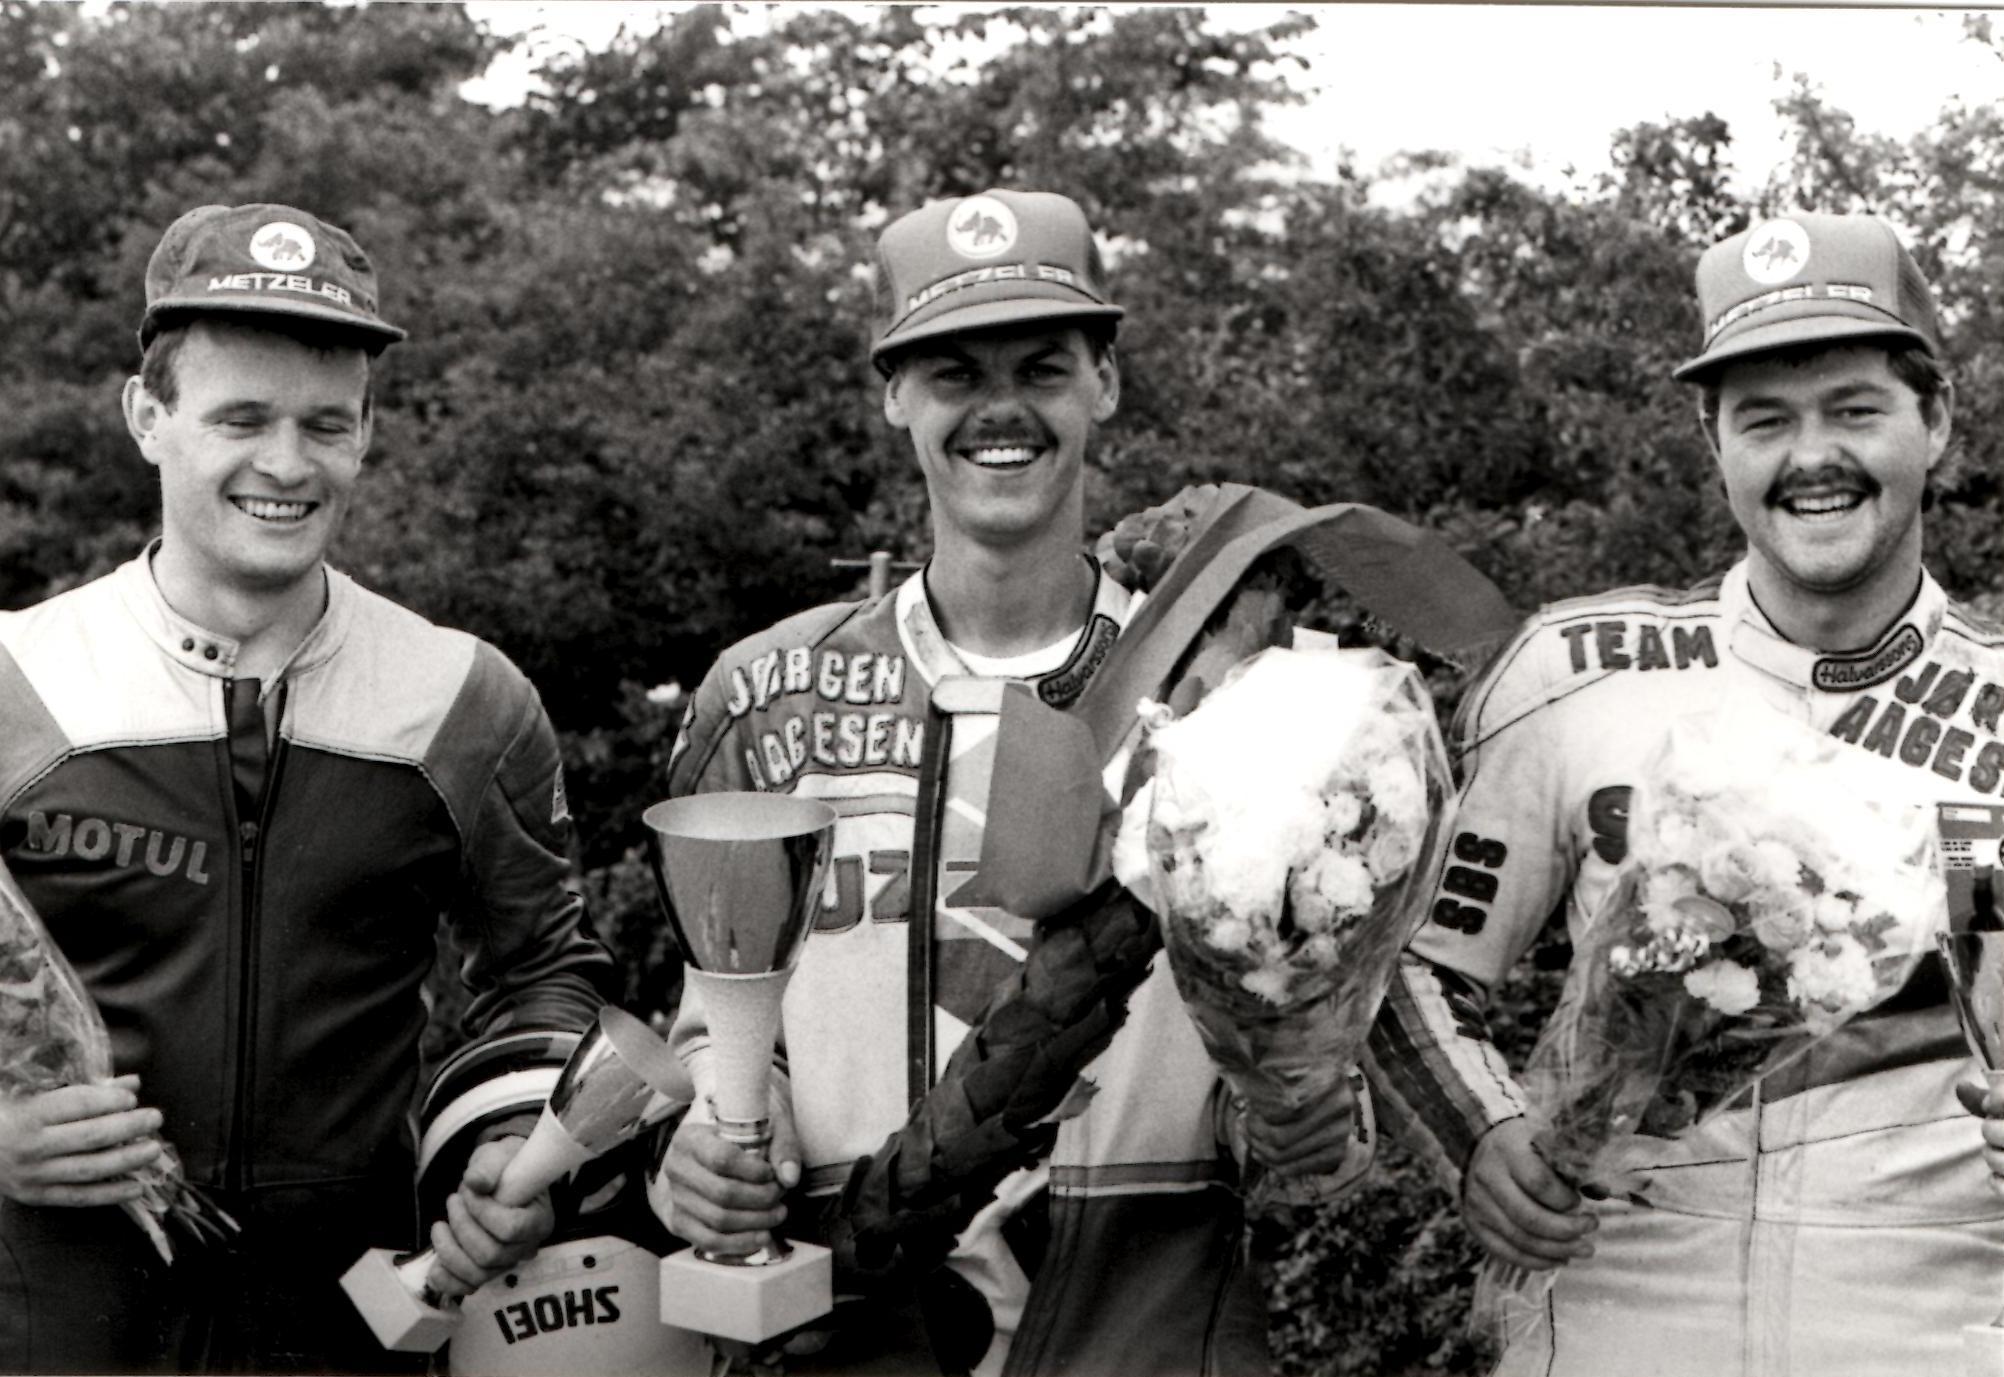 Rene Ramussen vandt Supercup foran Lars Kim Jensen og Egon Rasmussen.